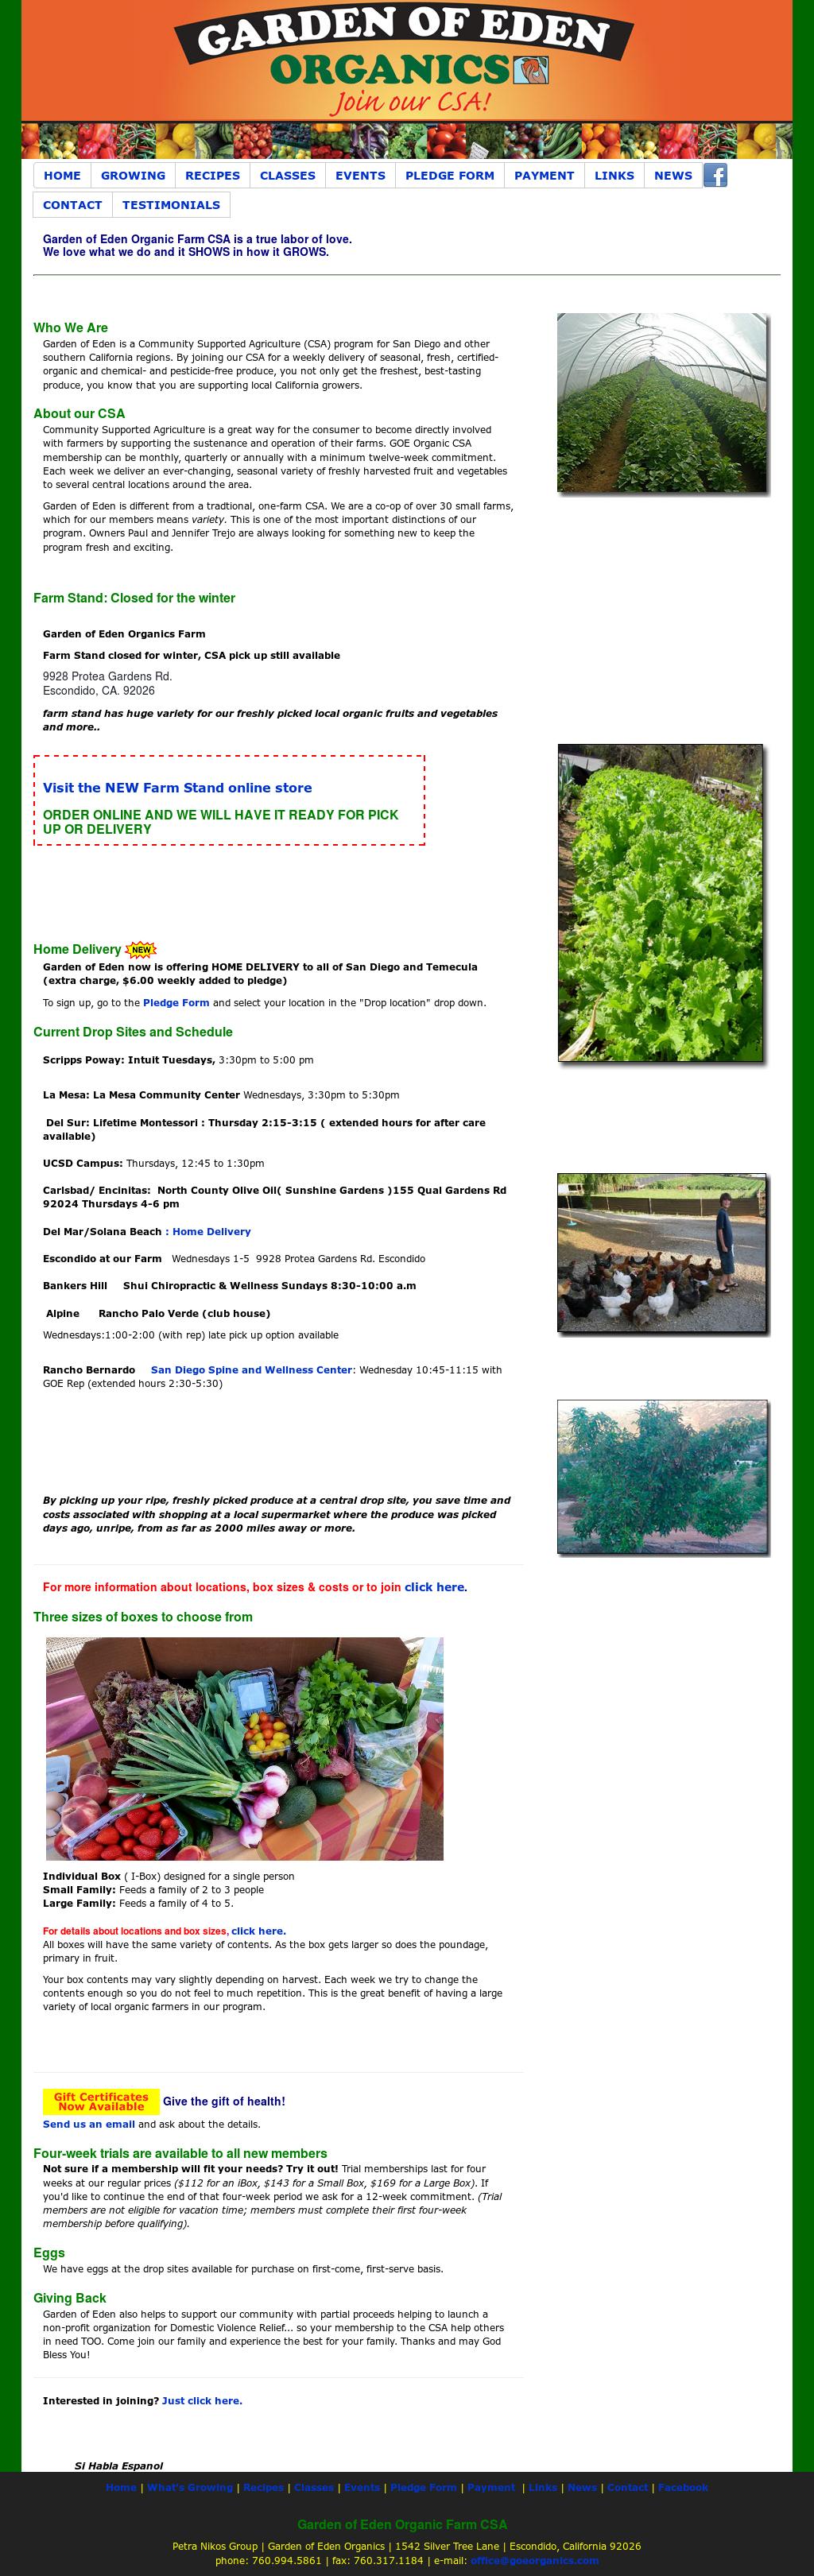 Garden Of Eden Organics Website History